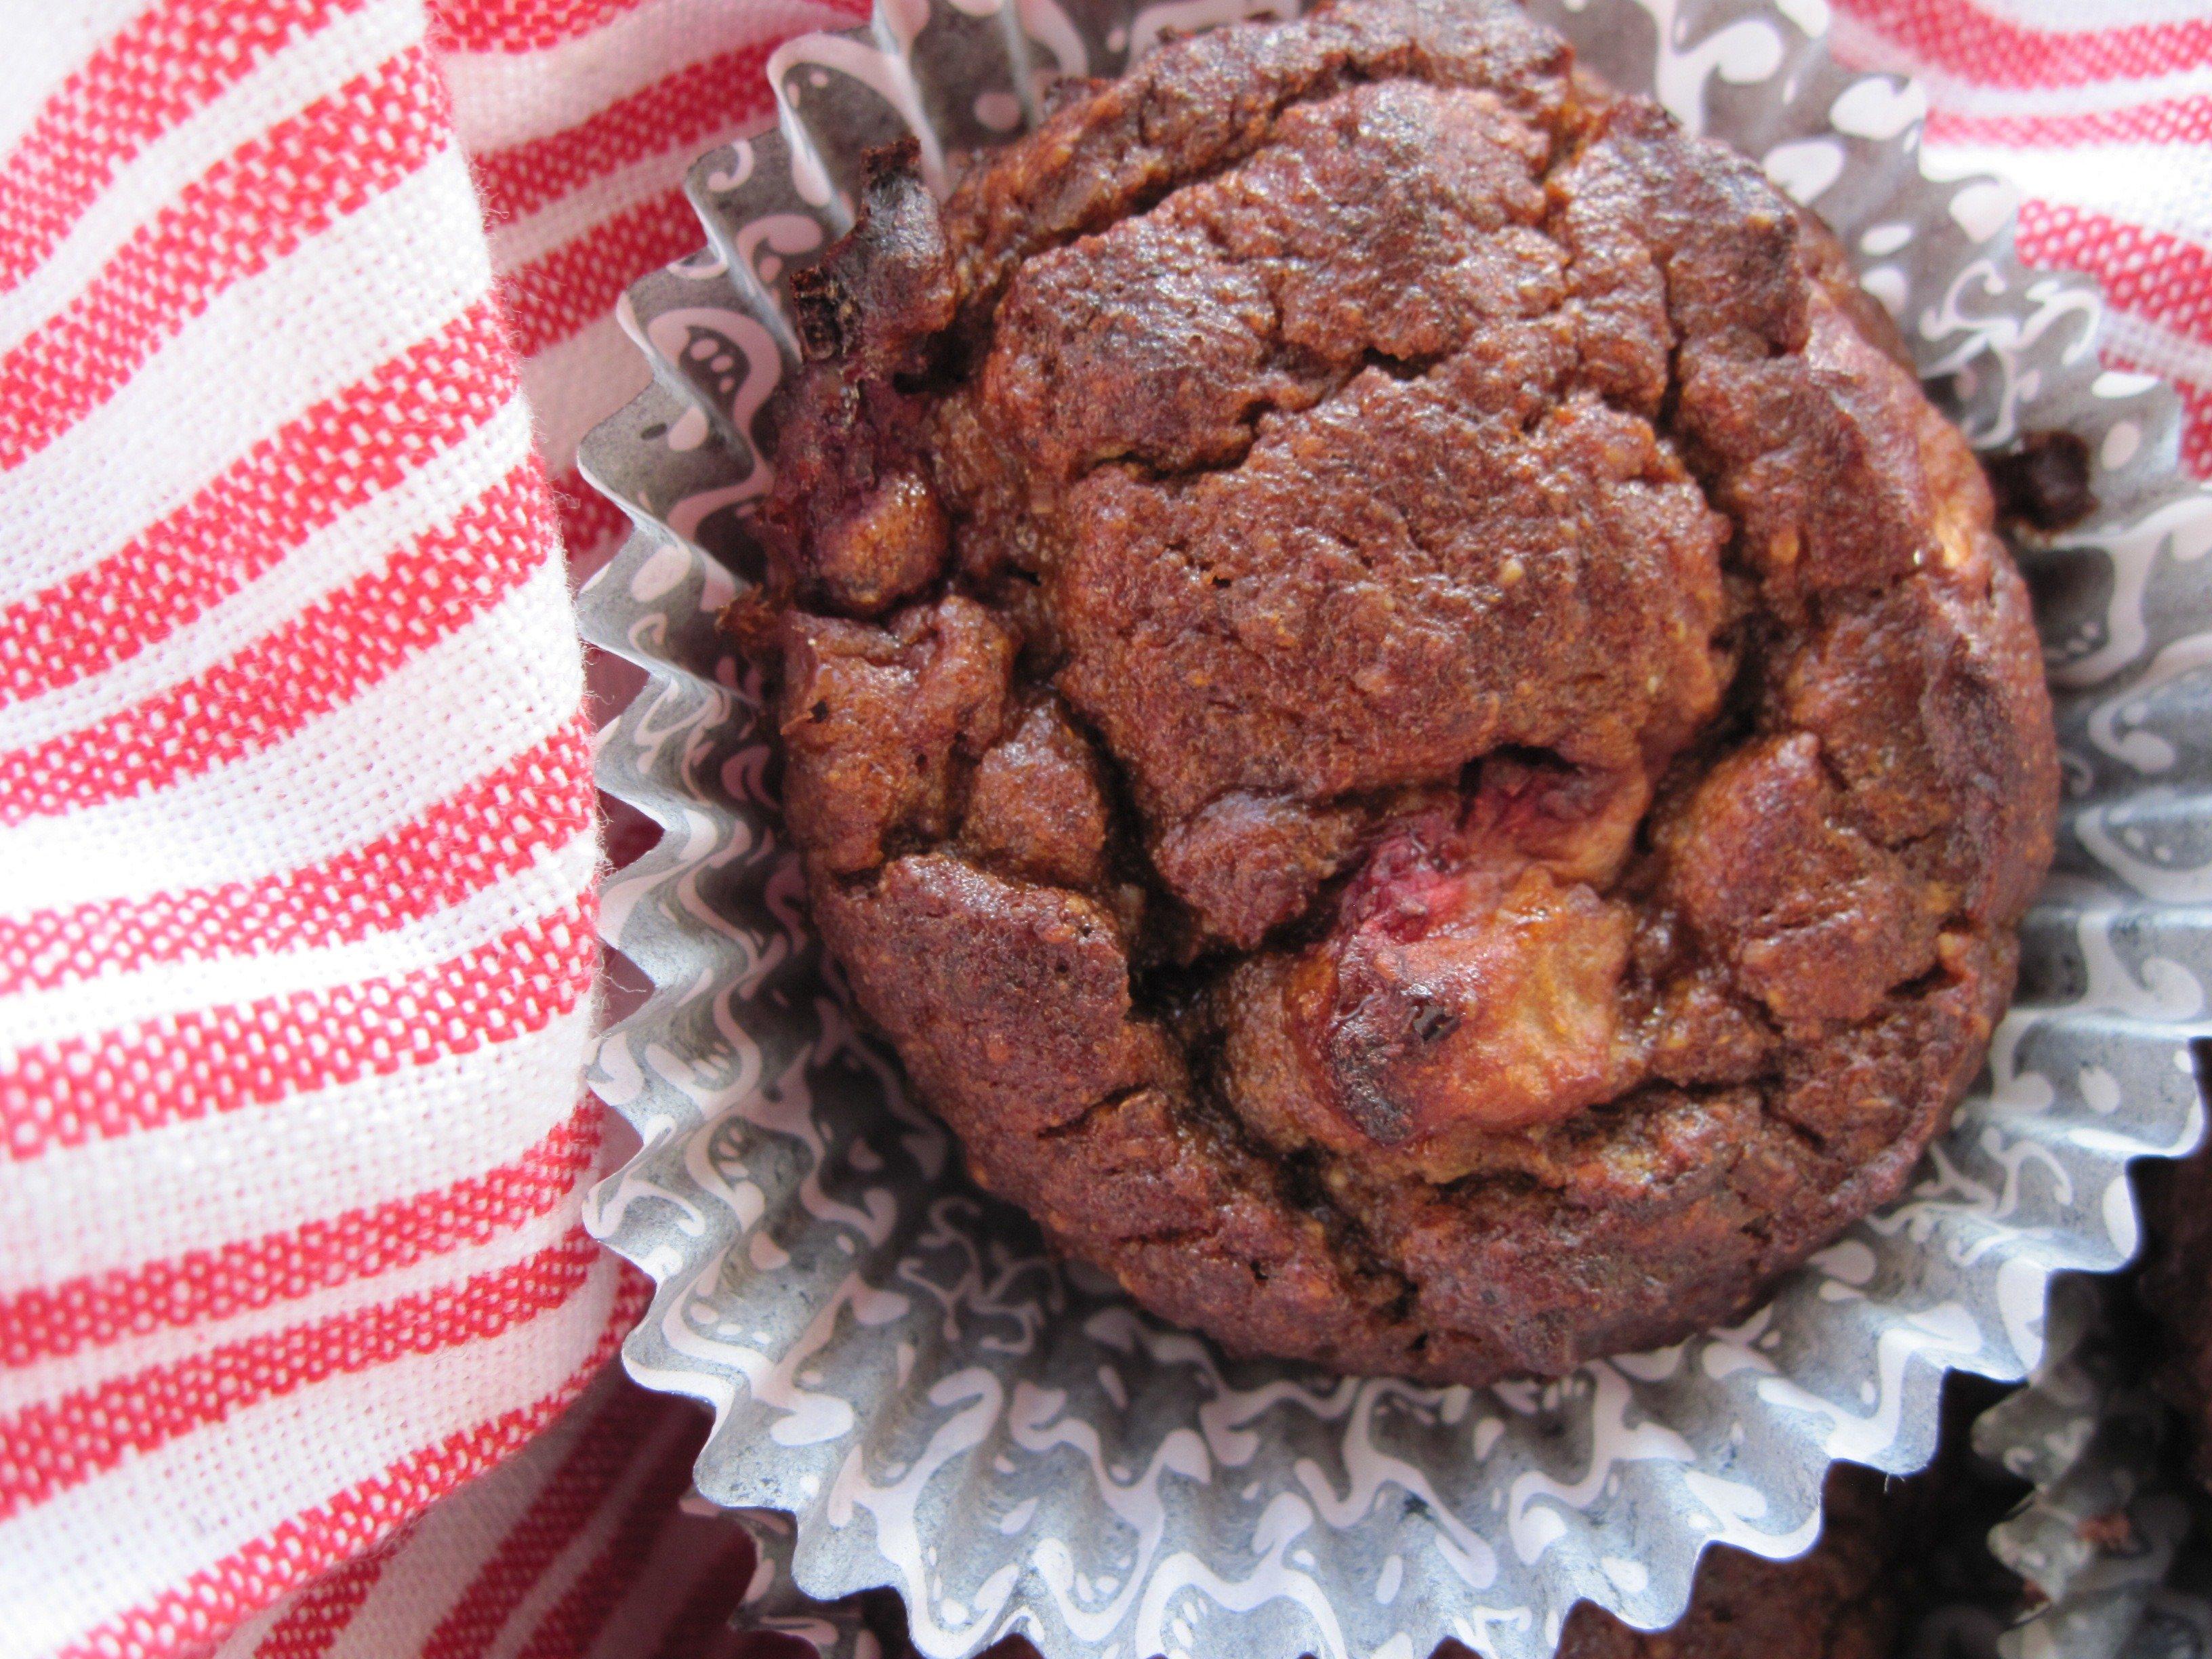 PaleOMG Strawberry Banana Chocolate Chip Muffins